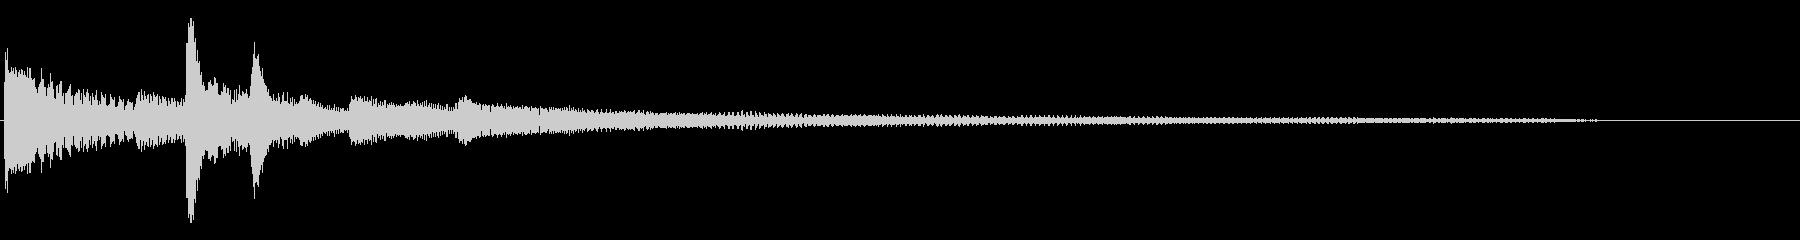 アコースティックギターとアコーステ...の未再生の波形